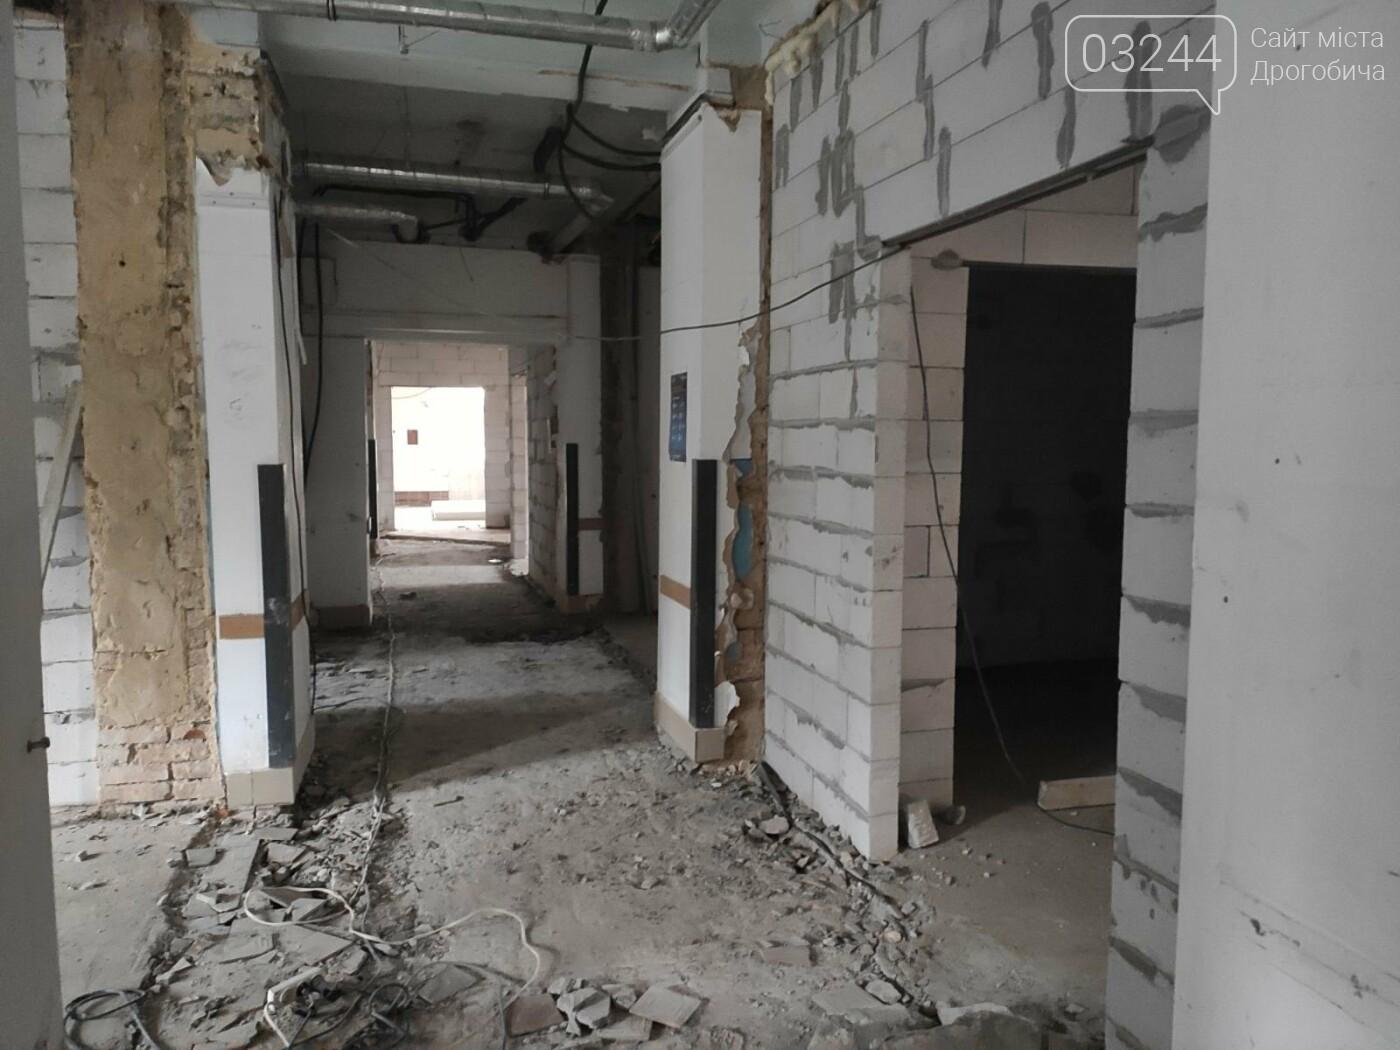 Дрогобицька міська лікарня №1 оновлює  приймальне відділення  – стартував капремонт приміщення  , фото-3